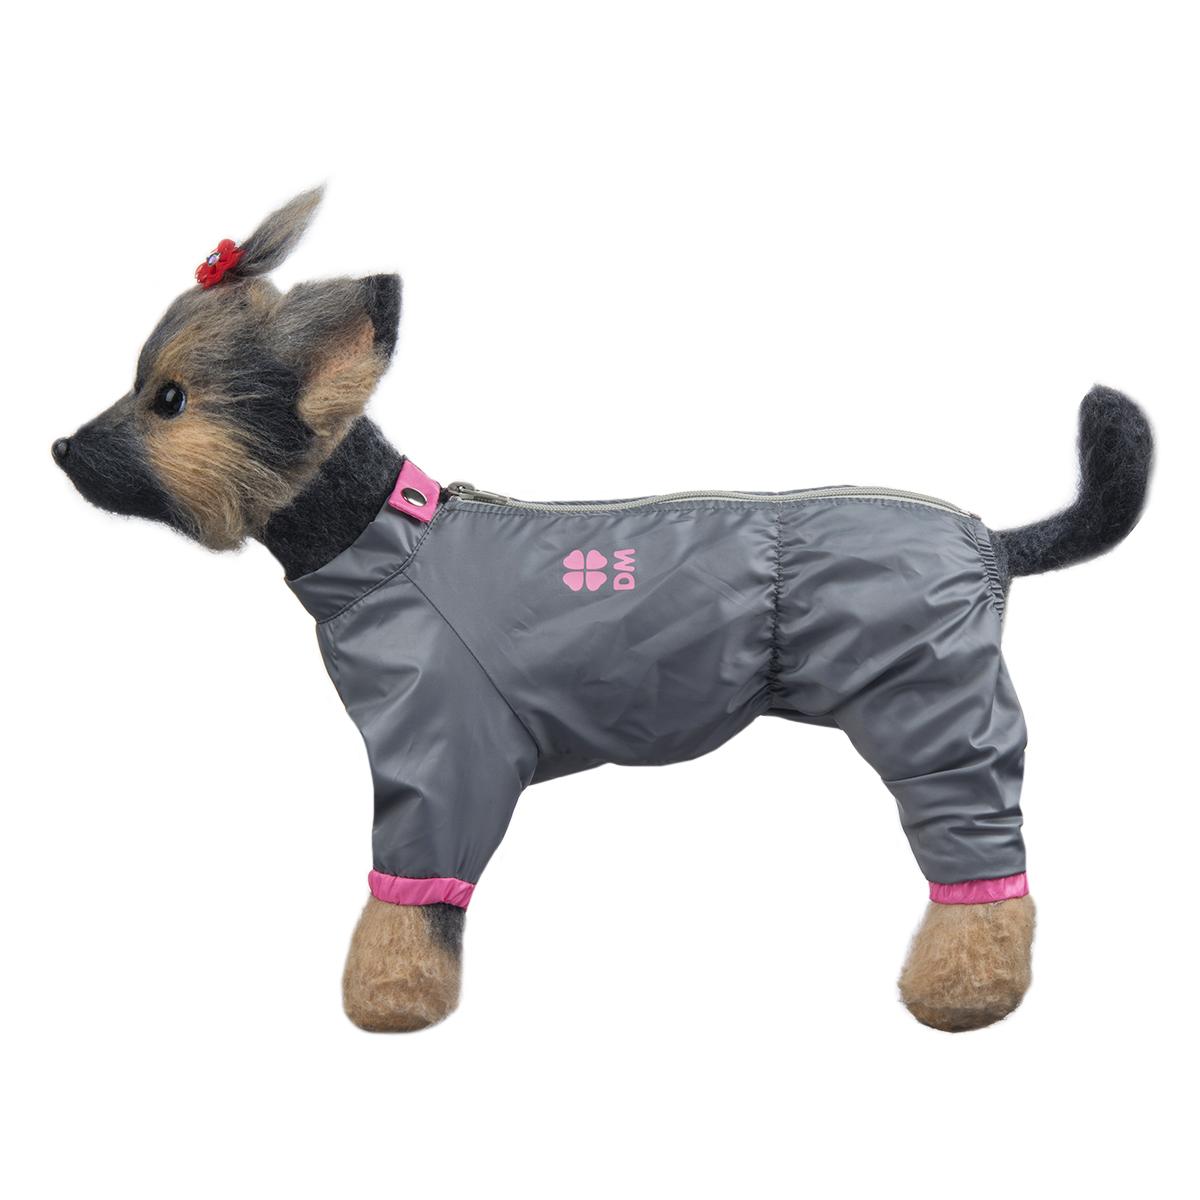 Комбинезон для собак Dogmoda Тревел, для девочки, цвет: серый, розовый. Размер 2 (M)